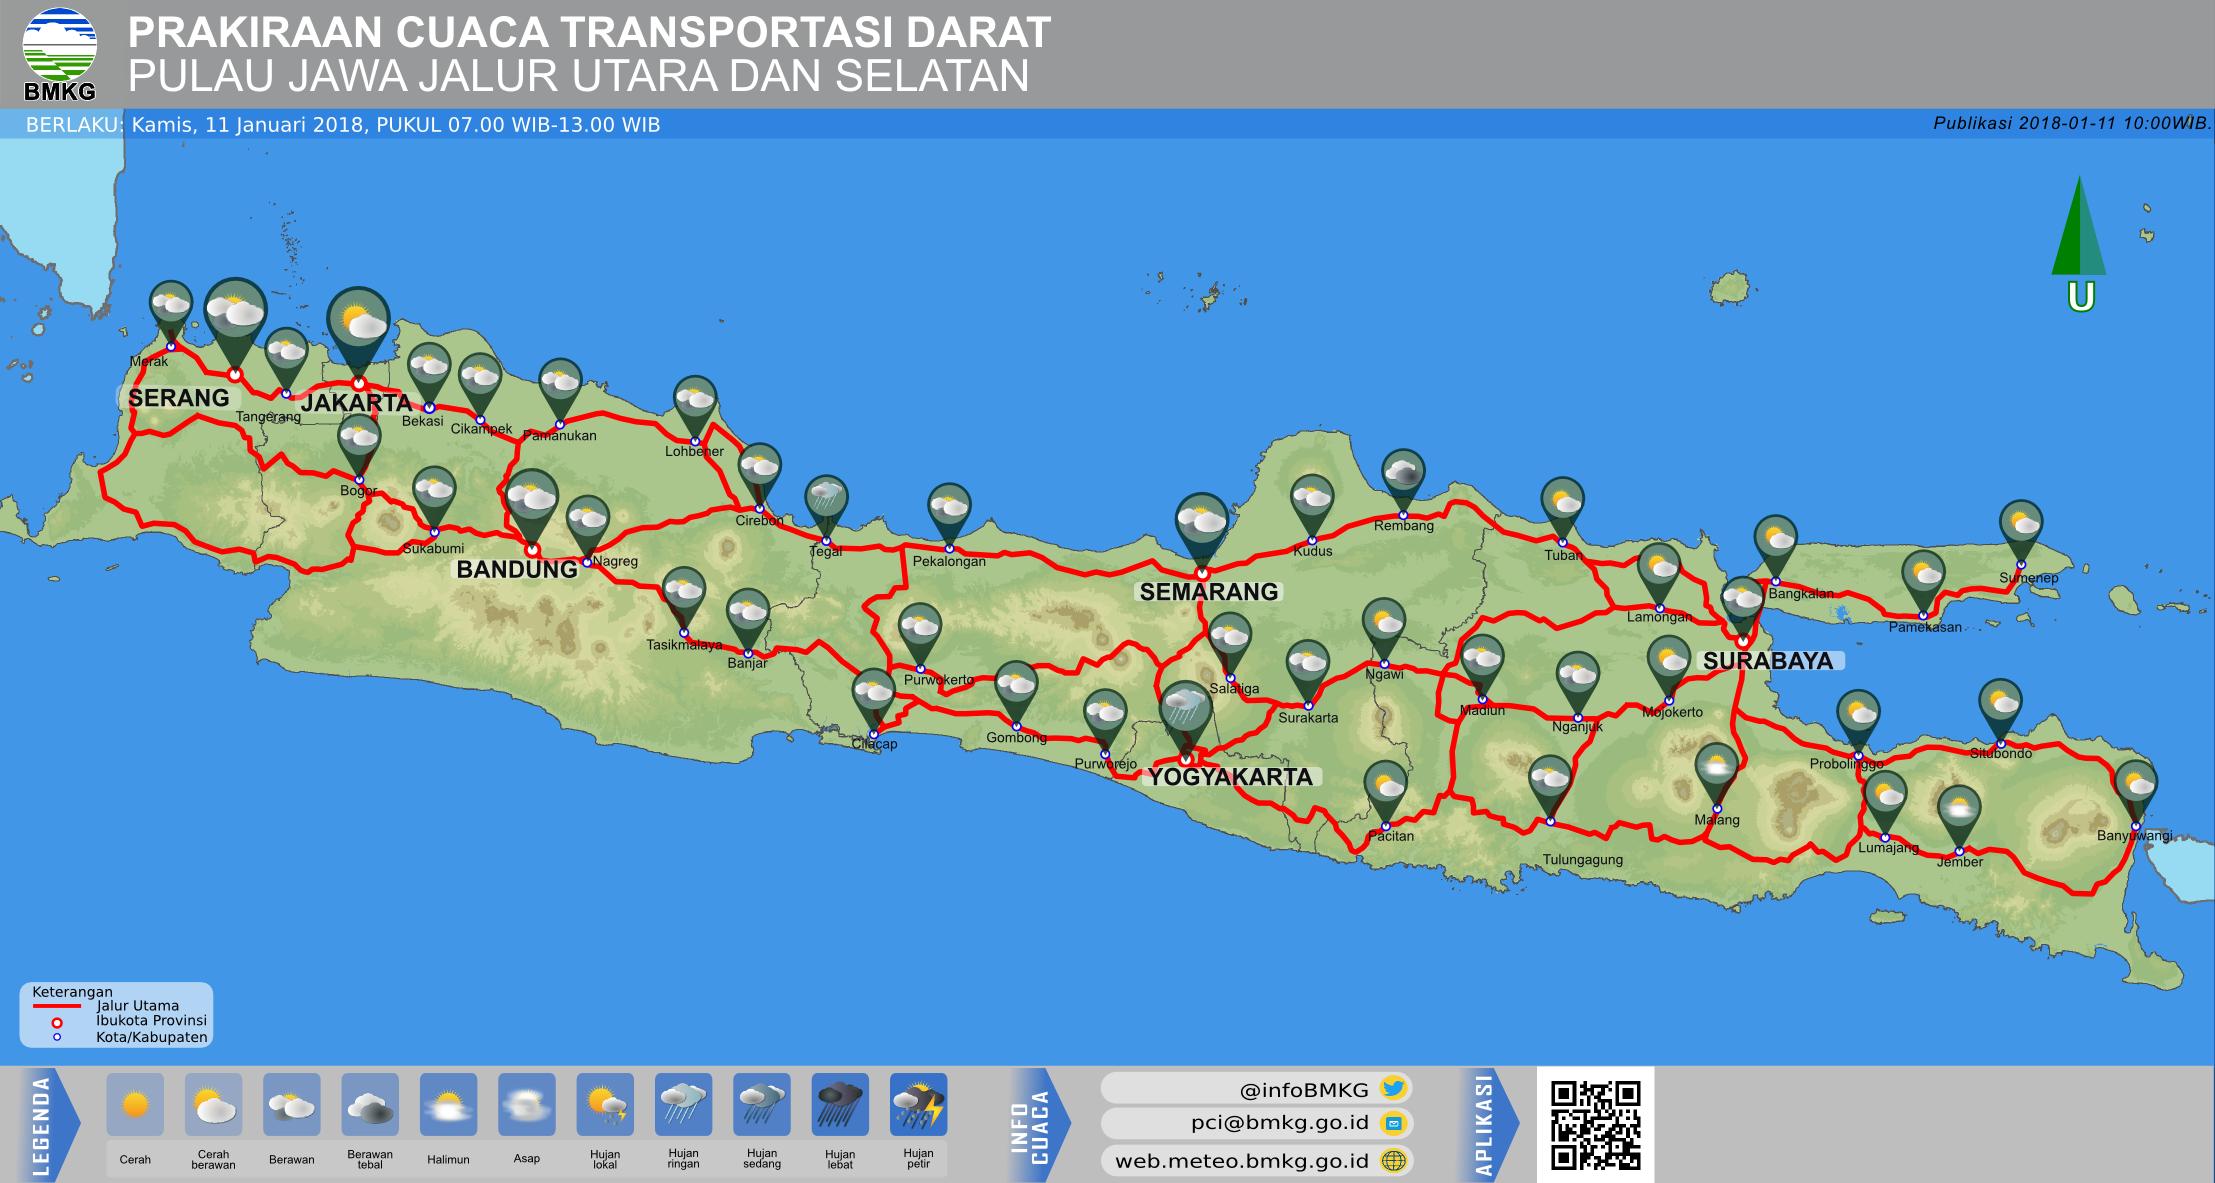 Prakiraan Cuaca Transportasi Darat Jawa Jalur Utara dan Selatan Hari Ini - Pagi Hari - Pukul 07.00 WIB - Siang Hari Pukul 13.00 WIB